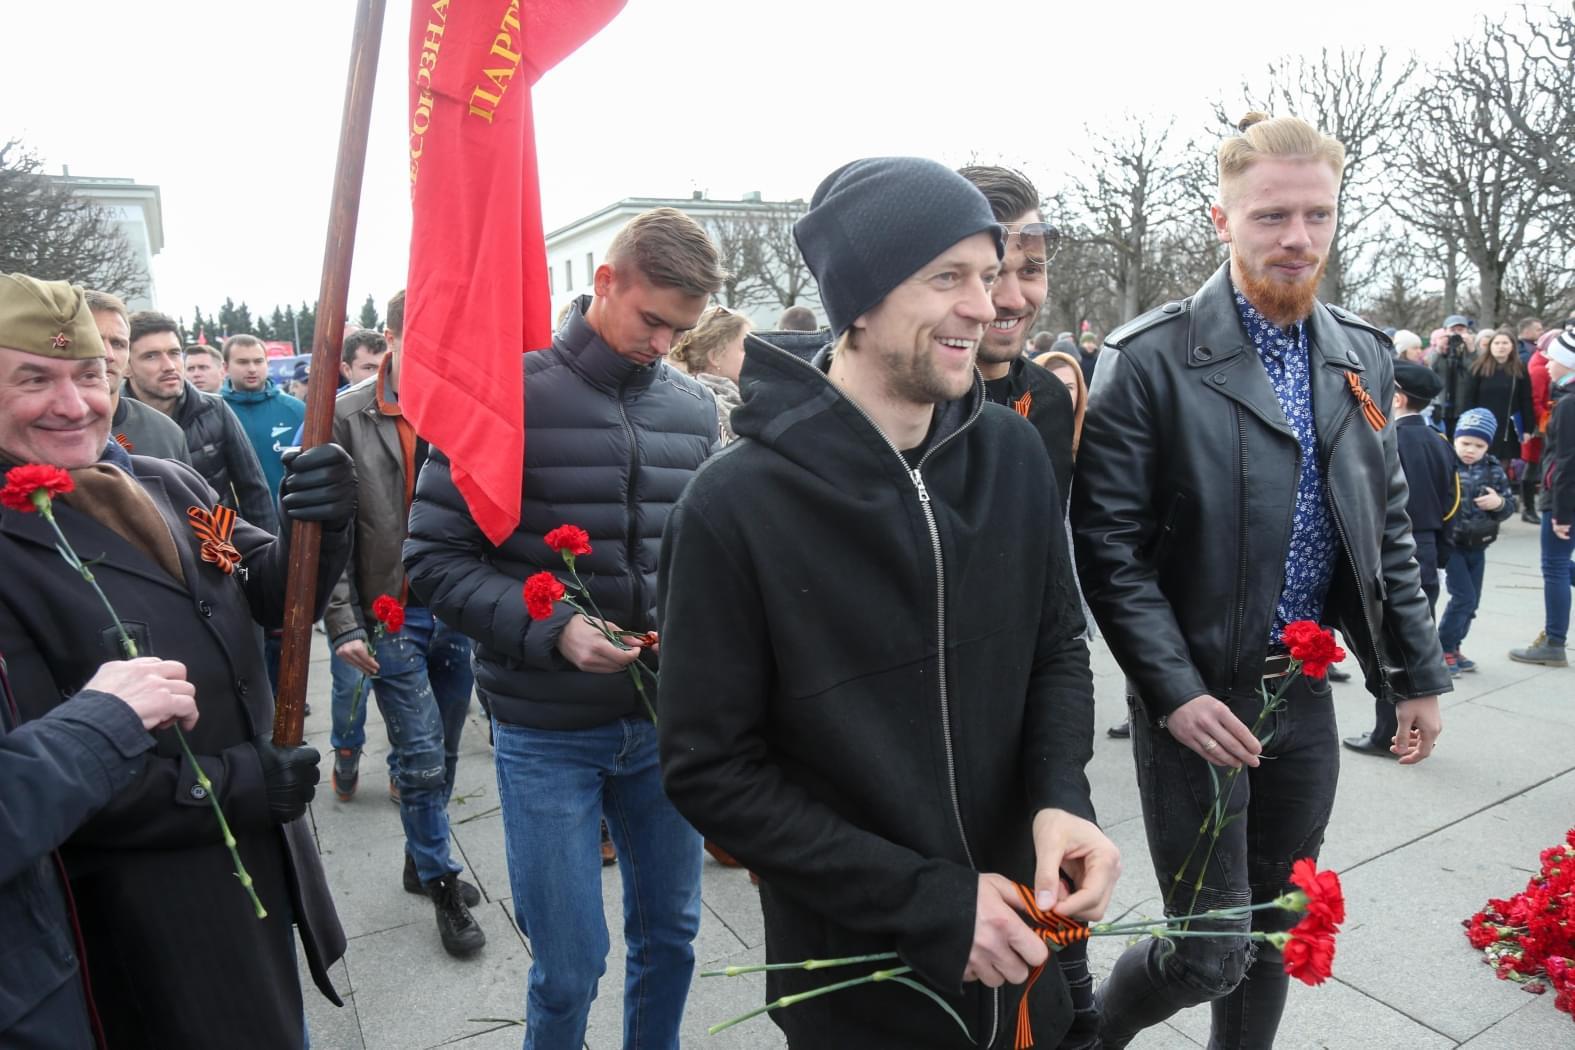 Тимощук посетил парад коДню Победы в РФ сгеоргиевской лентой